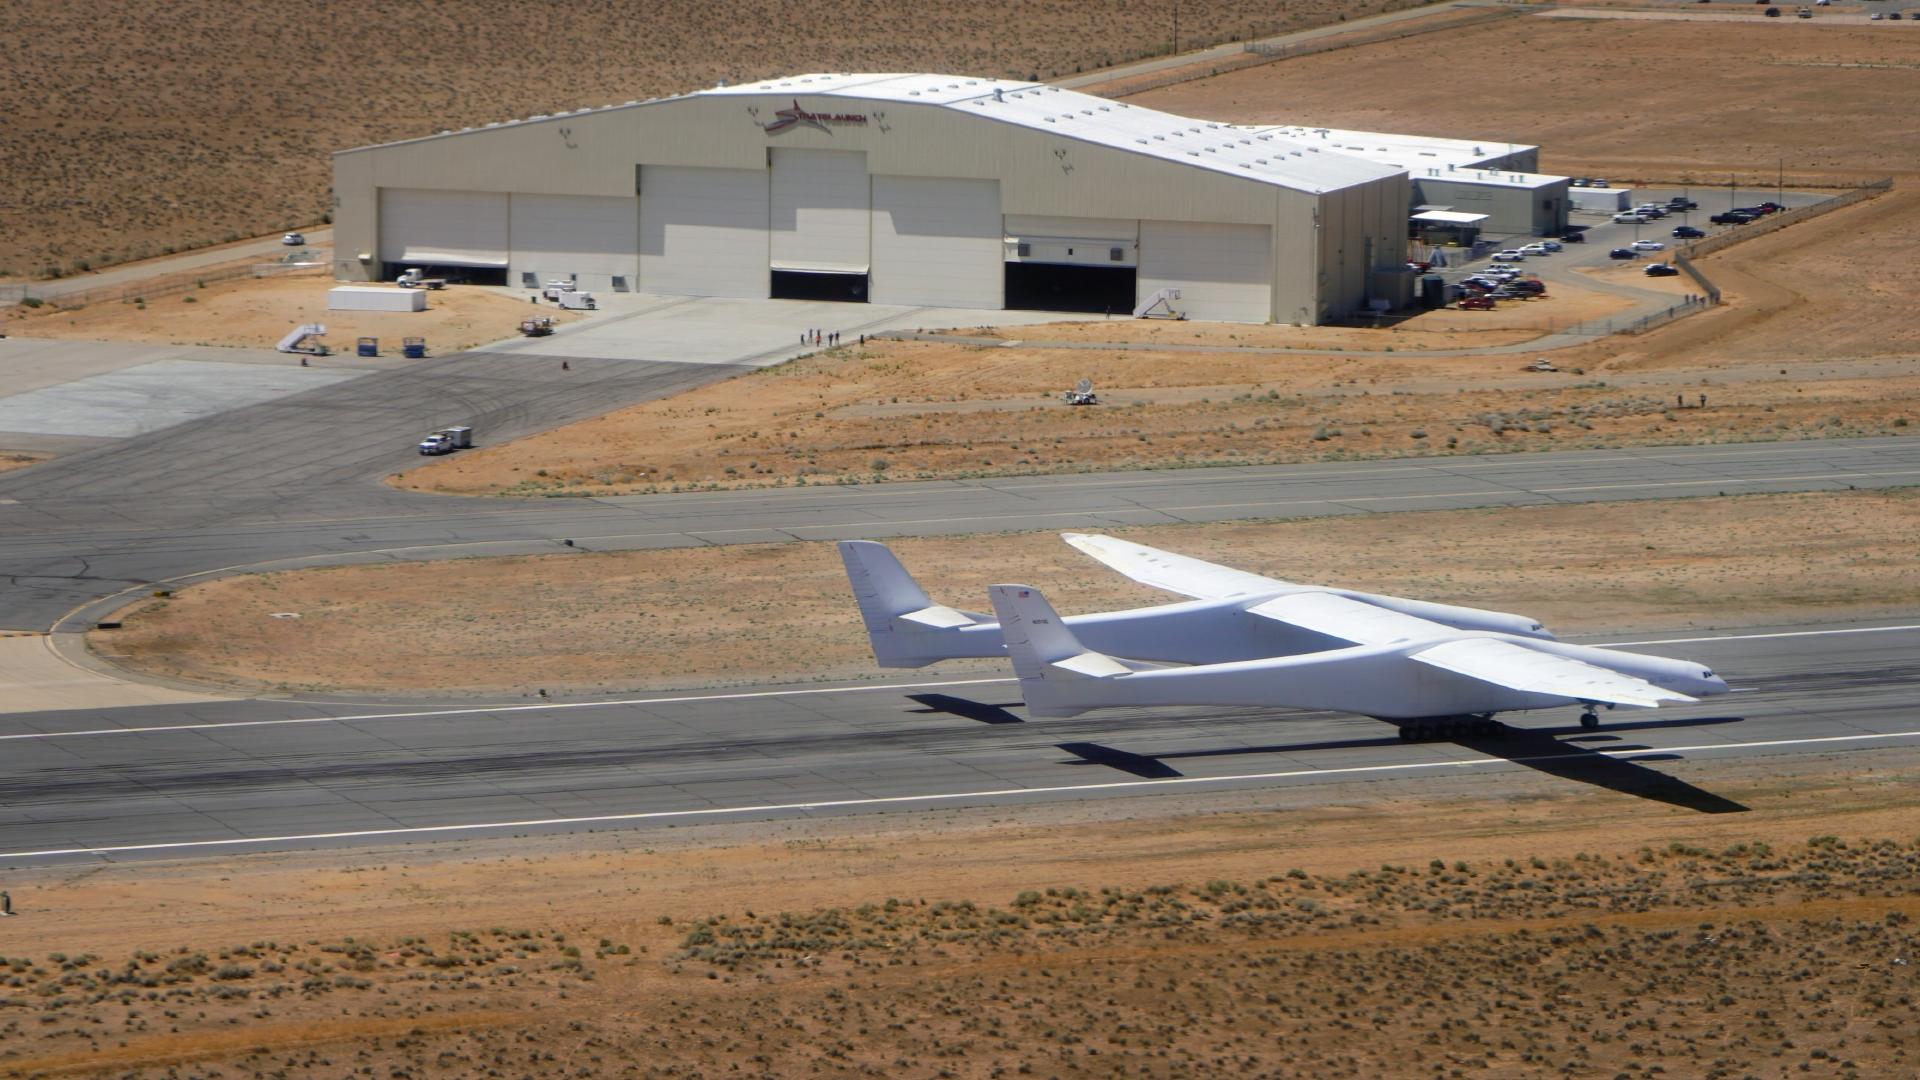 全球最大飞机高速滑行测试 拟下周再次飞行